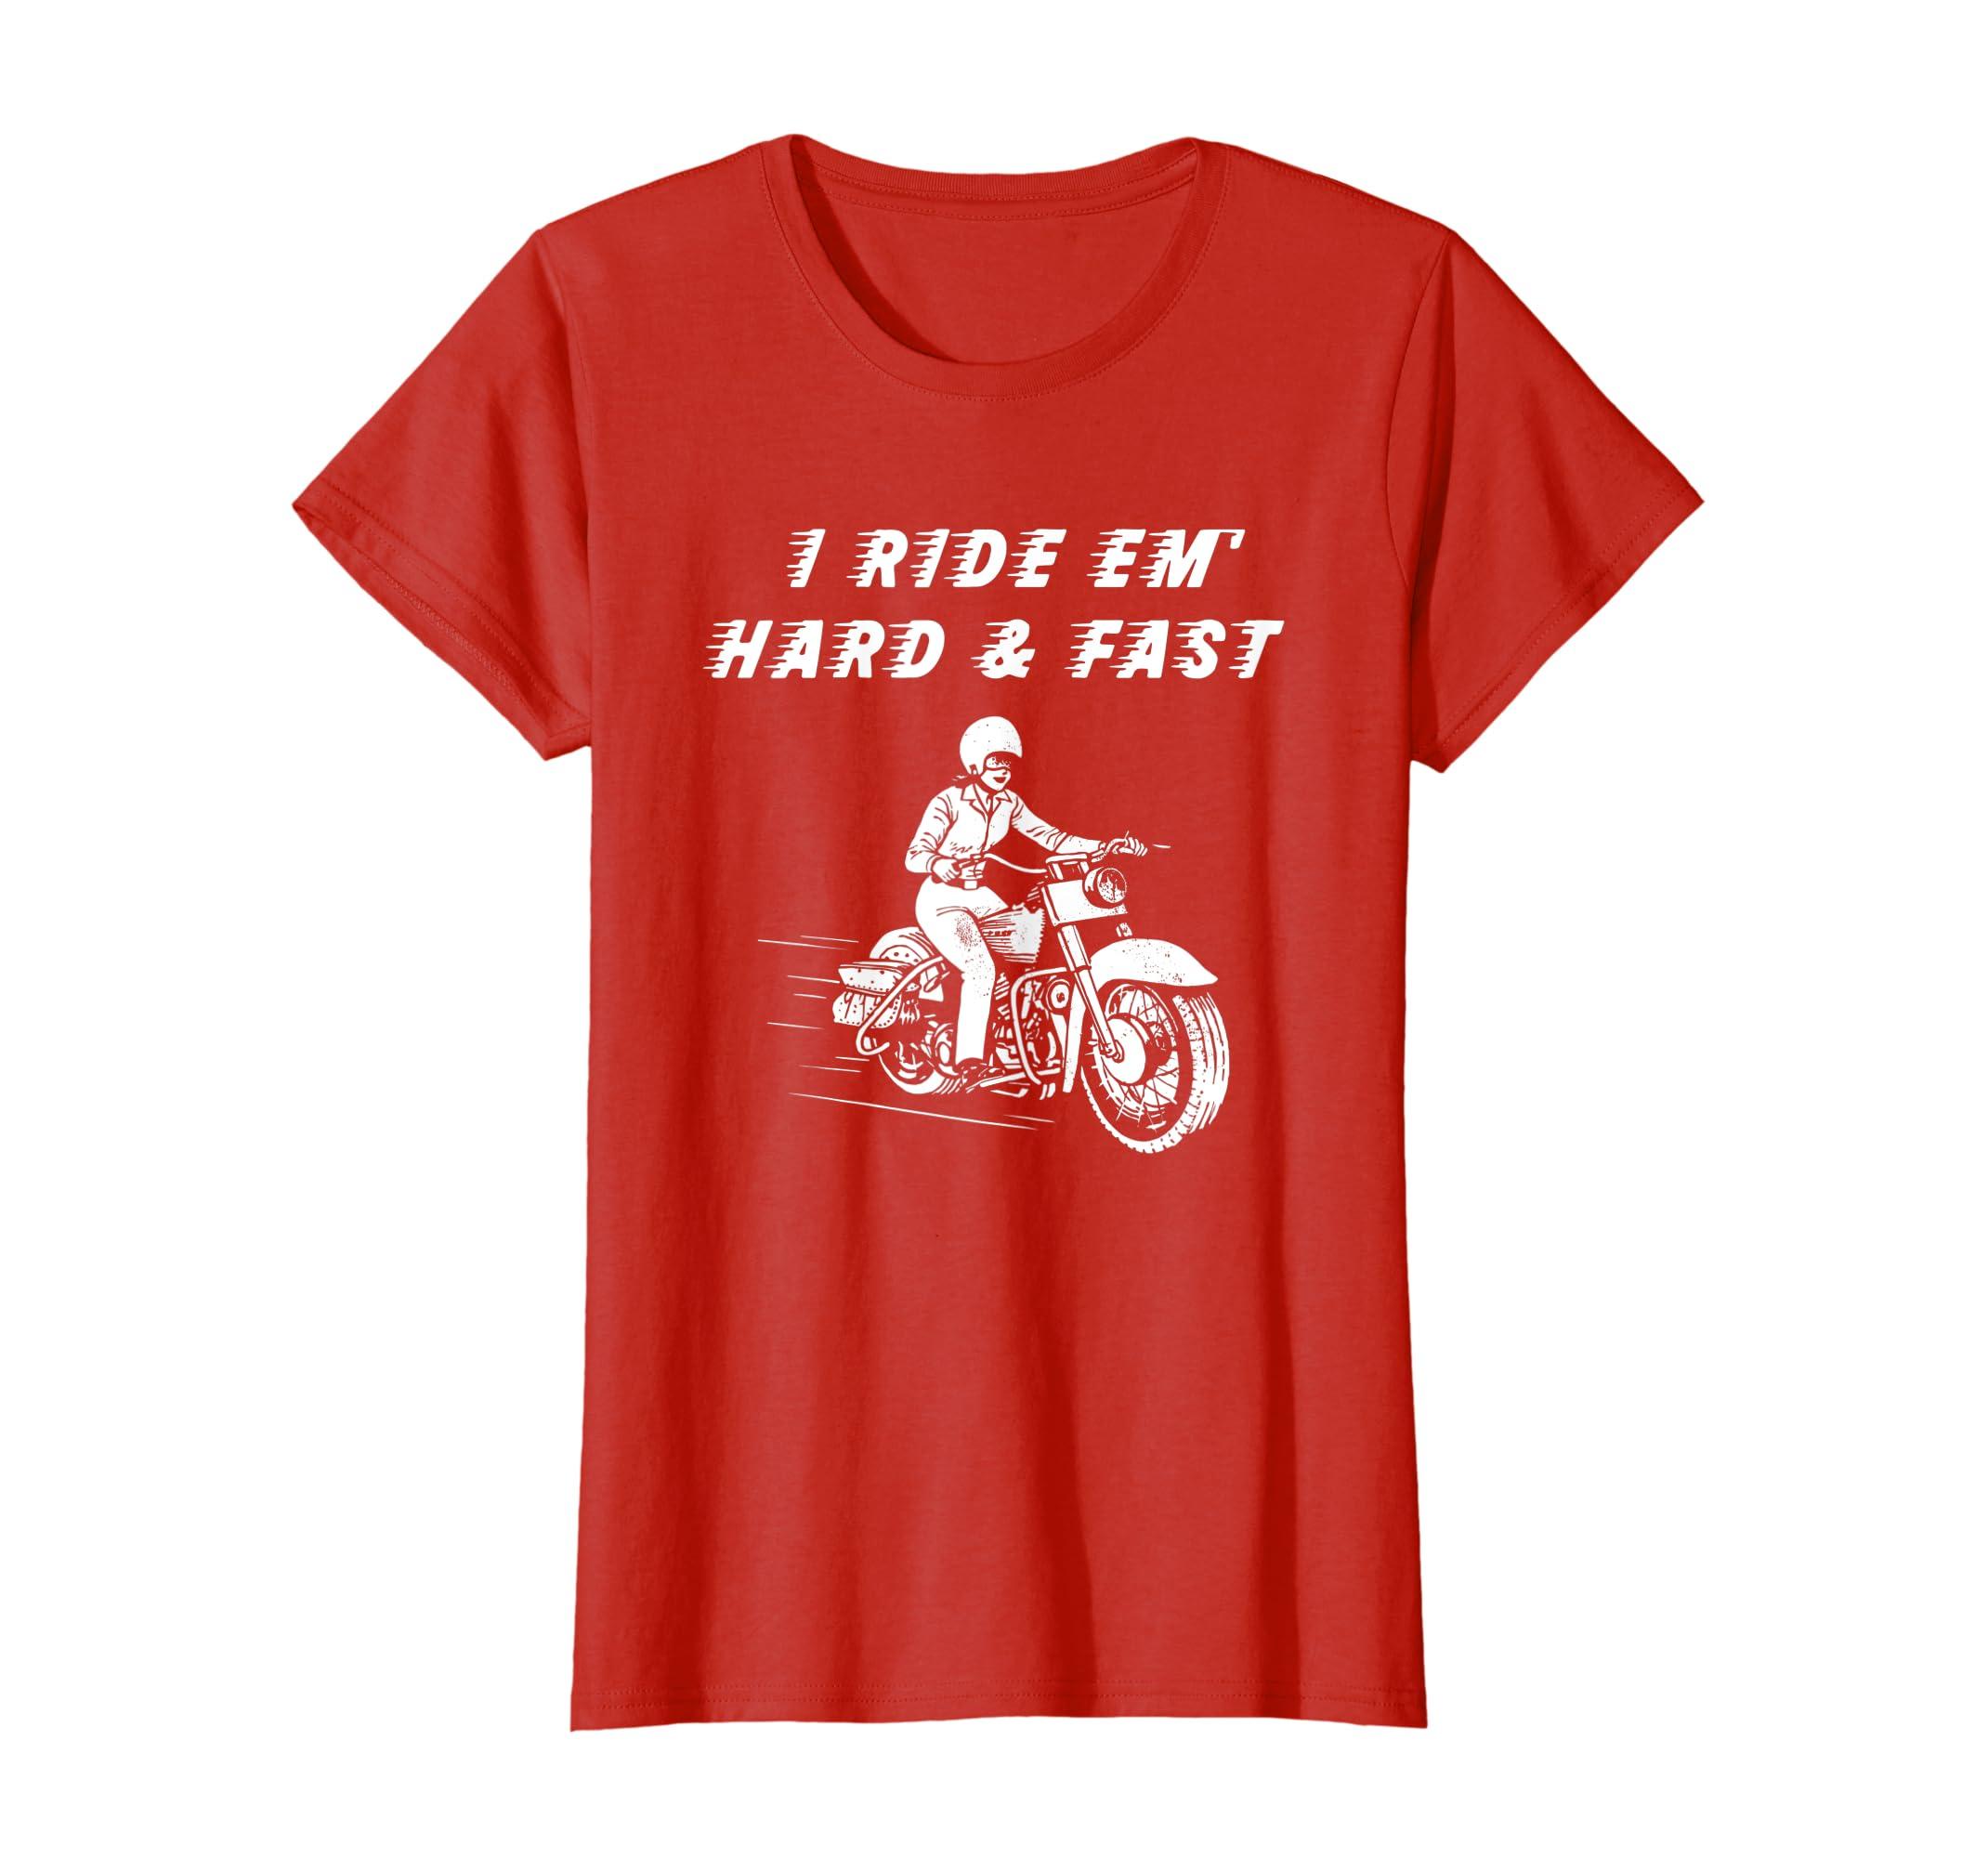 Amazon com: I Ride Em' Hard & Fast Motorcycle Biker Babe